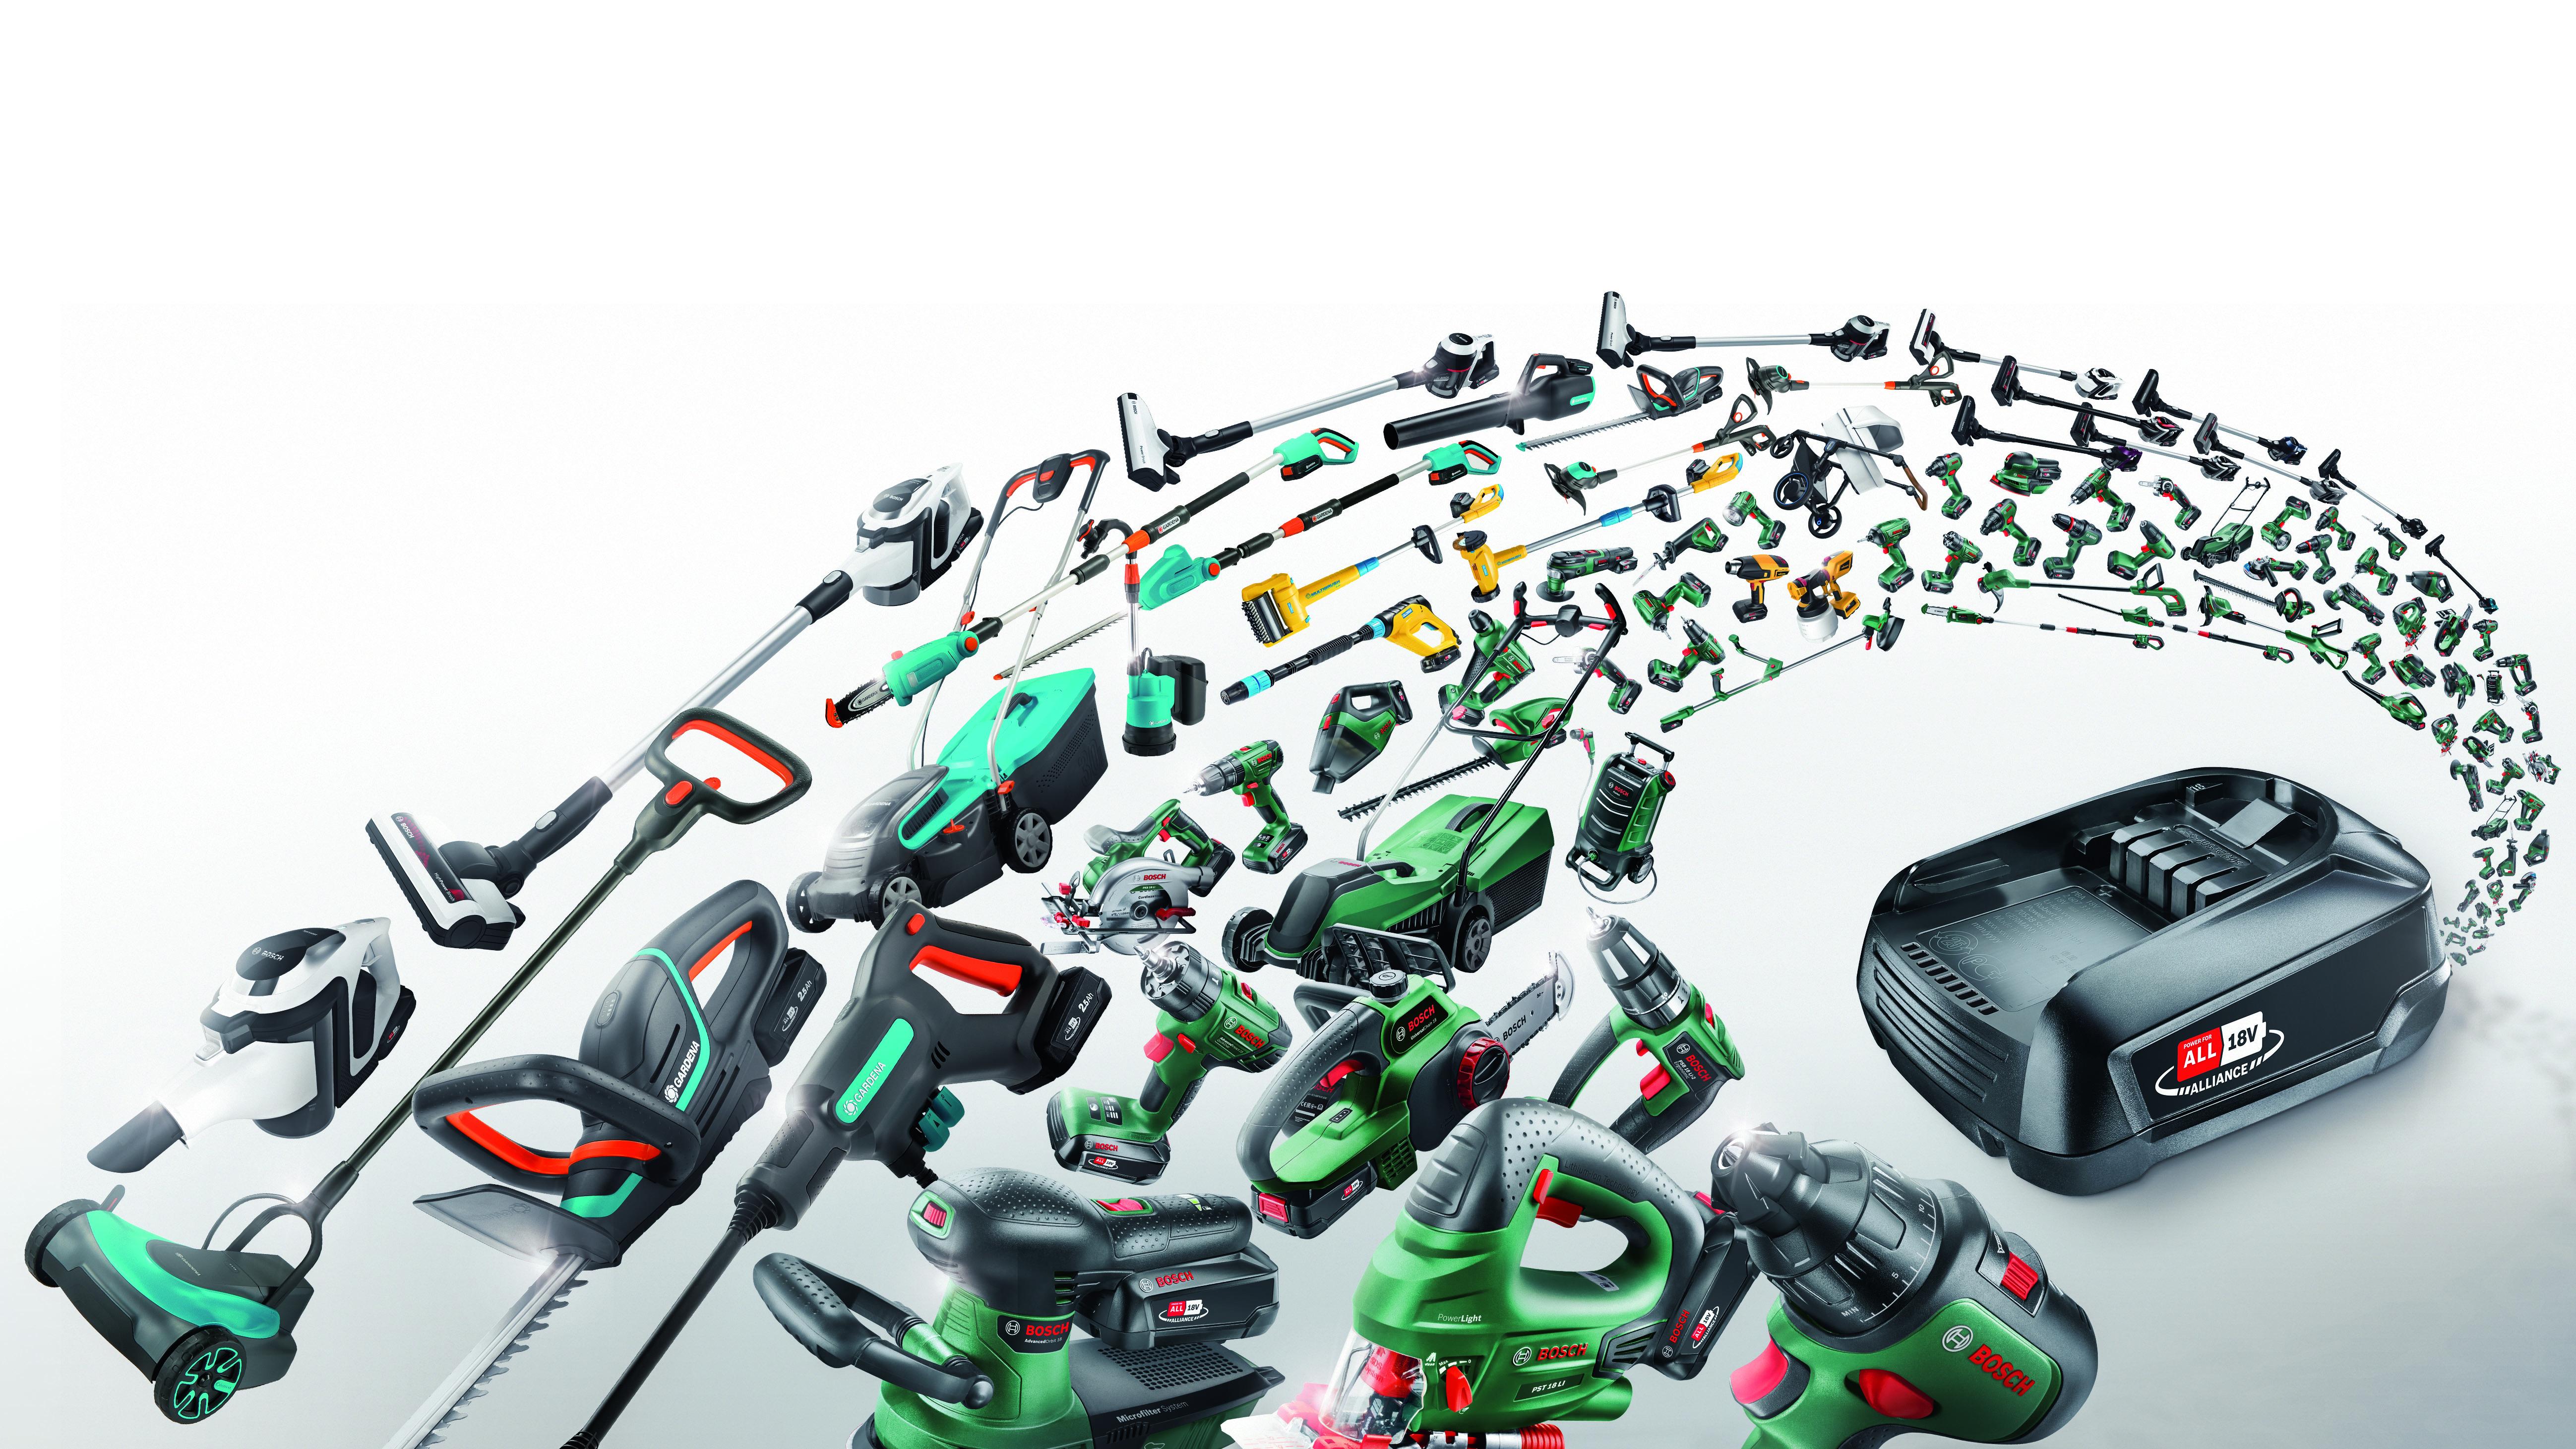 Geld, Platz und Zeit sparen mit einem Akku für viele Marken: Bosch und Gardena gründen Power for All Alliance